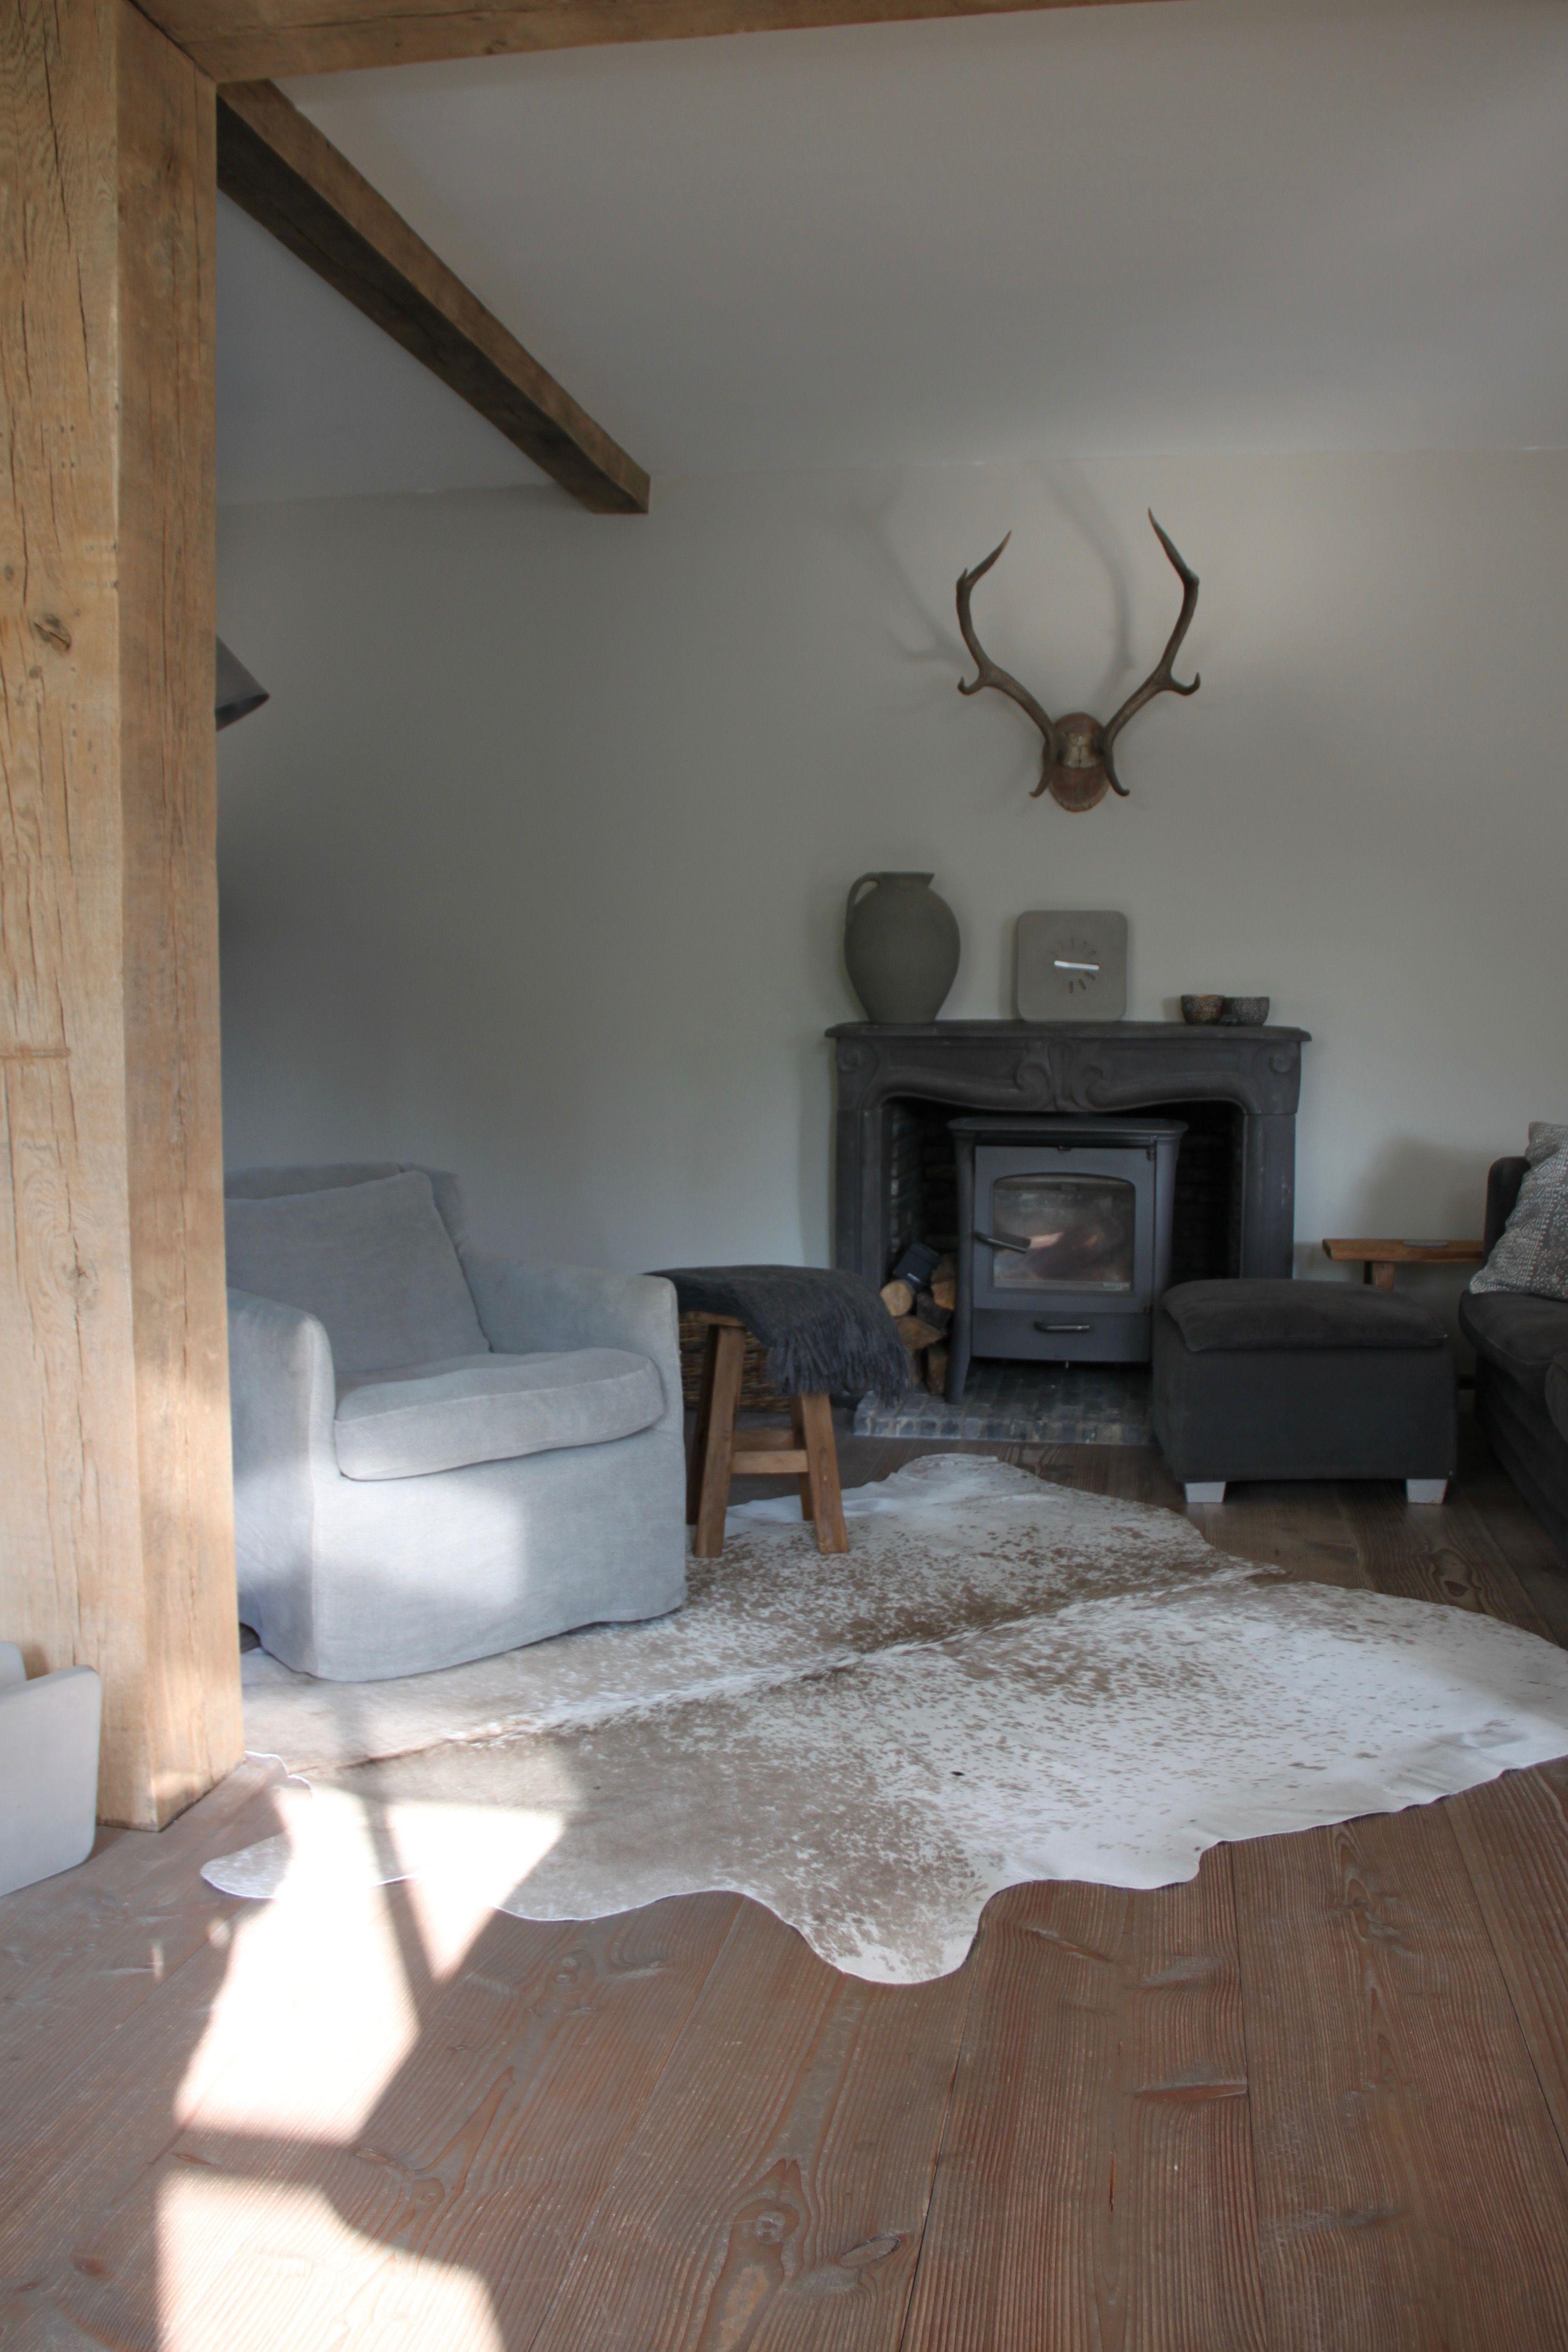 Een koeienhuid op een houten vloer brengt sfeer in je woonkamer ...